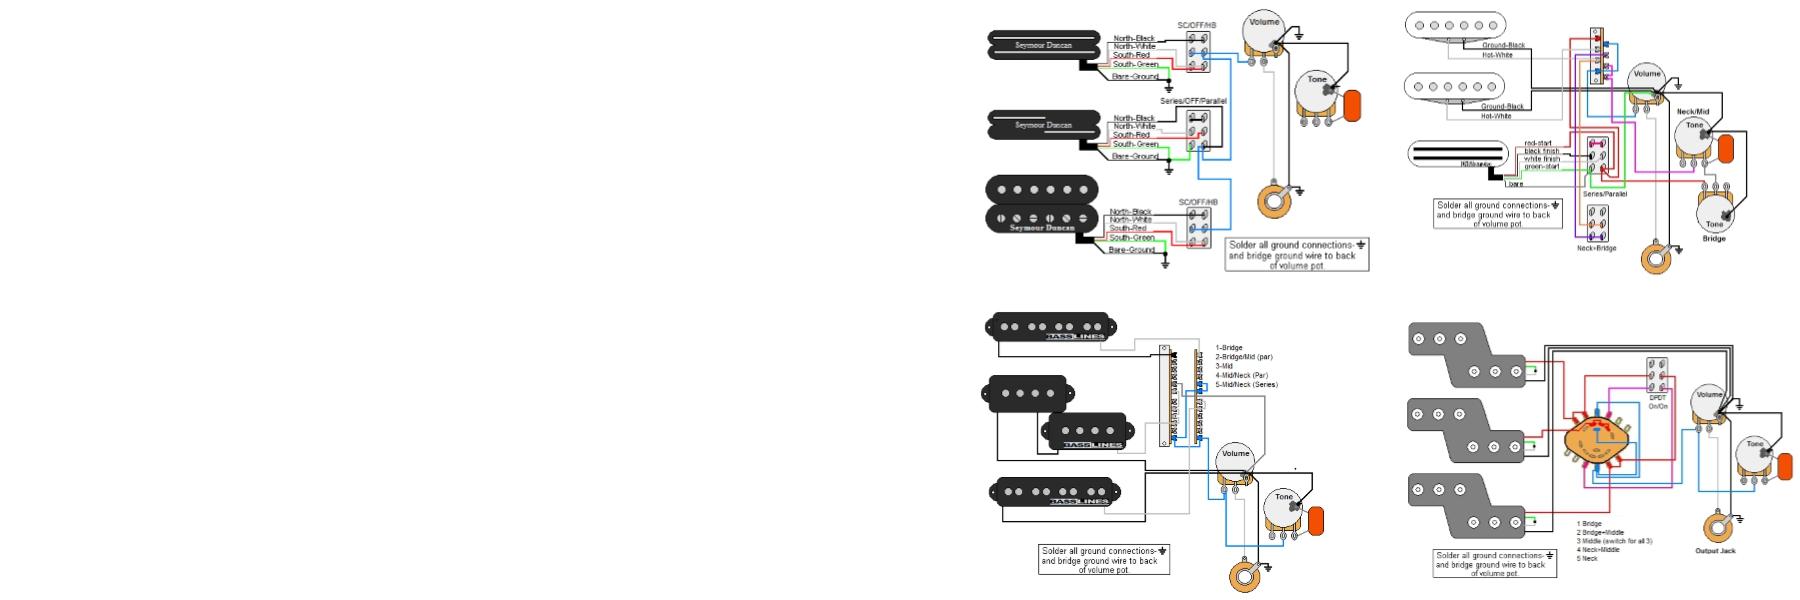 dean bass wiring schematic wiring diagram les paul 3 humbucker wiring diagram 3 humbucker wiring diagram [ 1800 x 600 Pixel ]